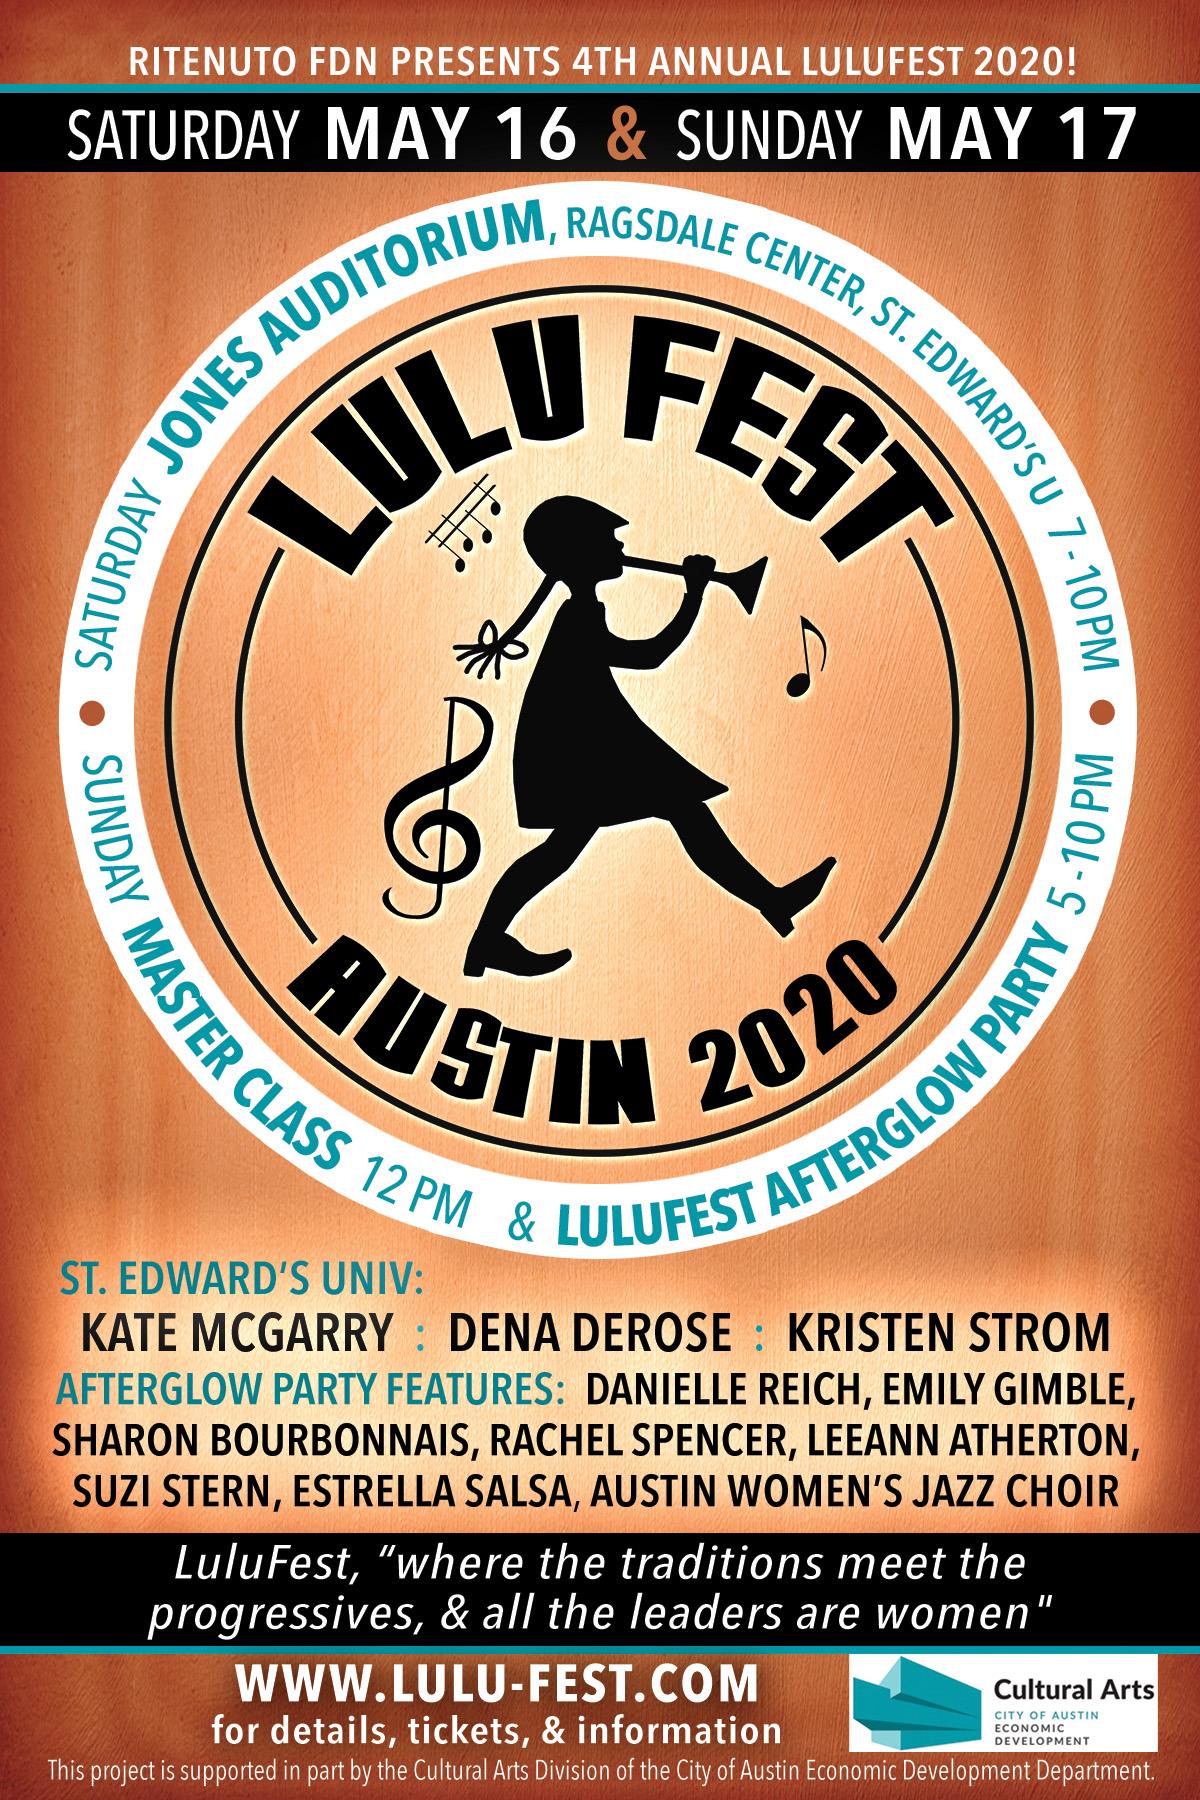 Lulufest